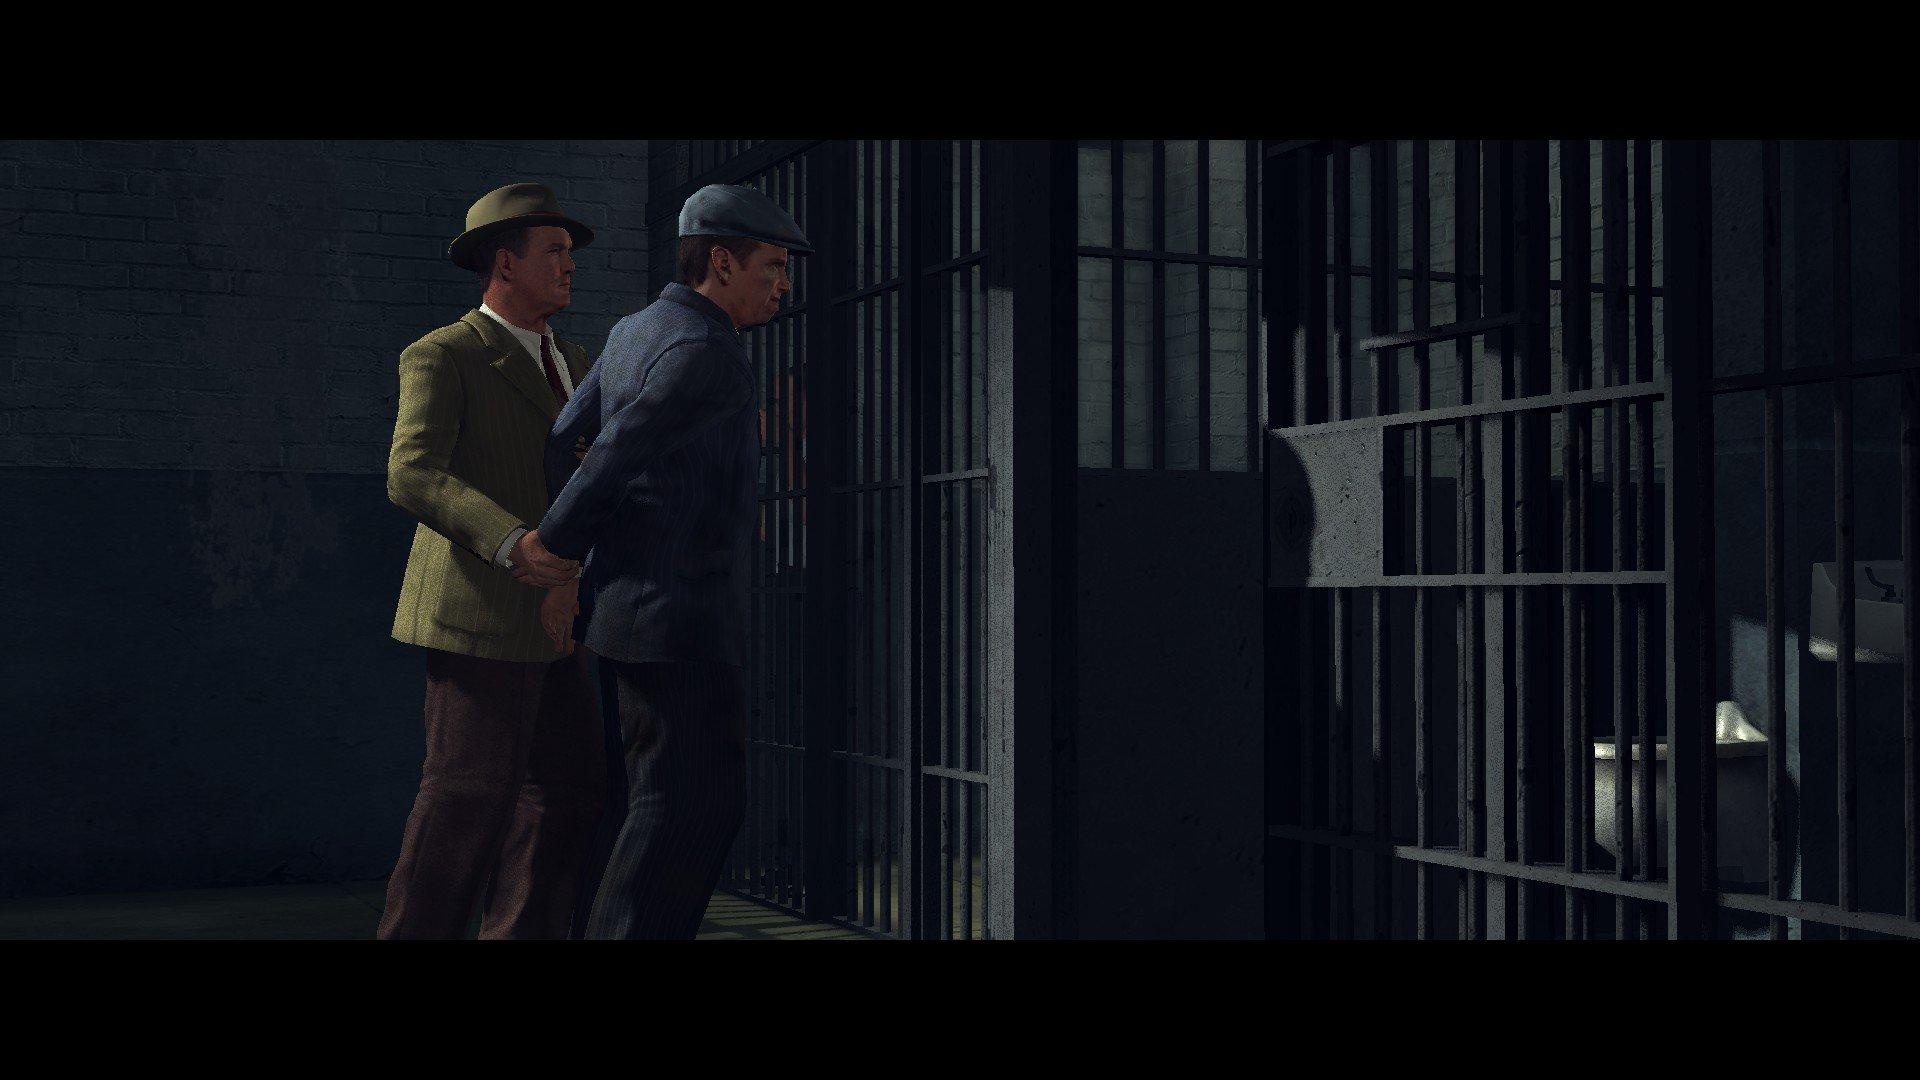 Пост-прохождение L.A. Noire Часть 9 - Изображение 56